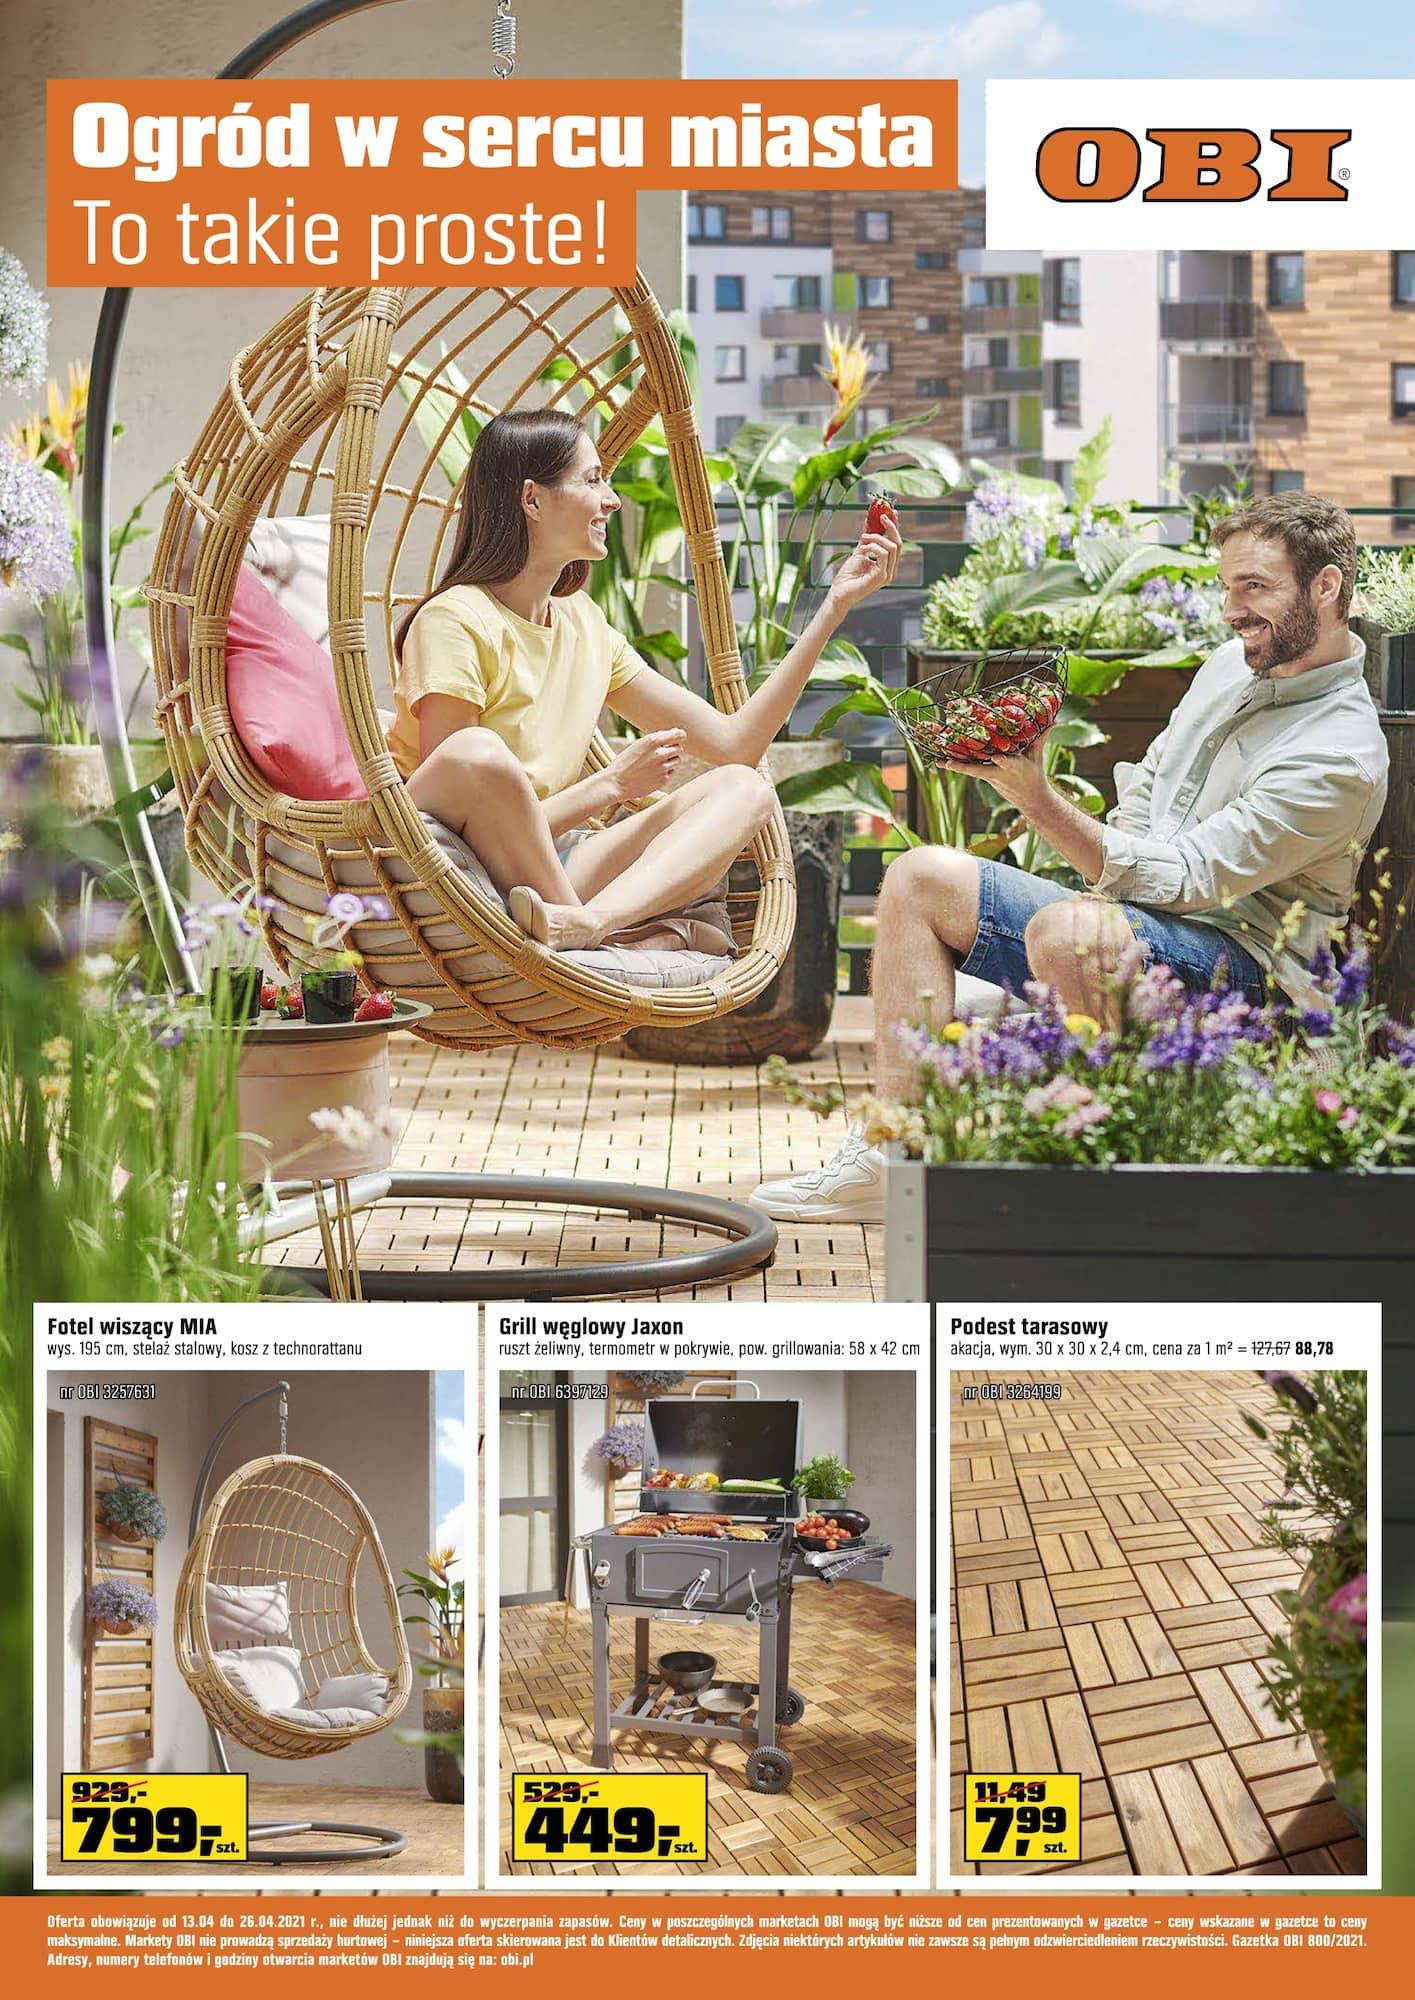 Gazetka Ogród w sercu miasta. To takie proste!